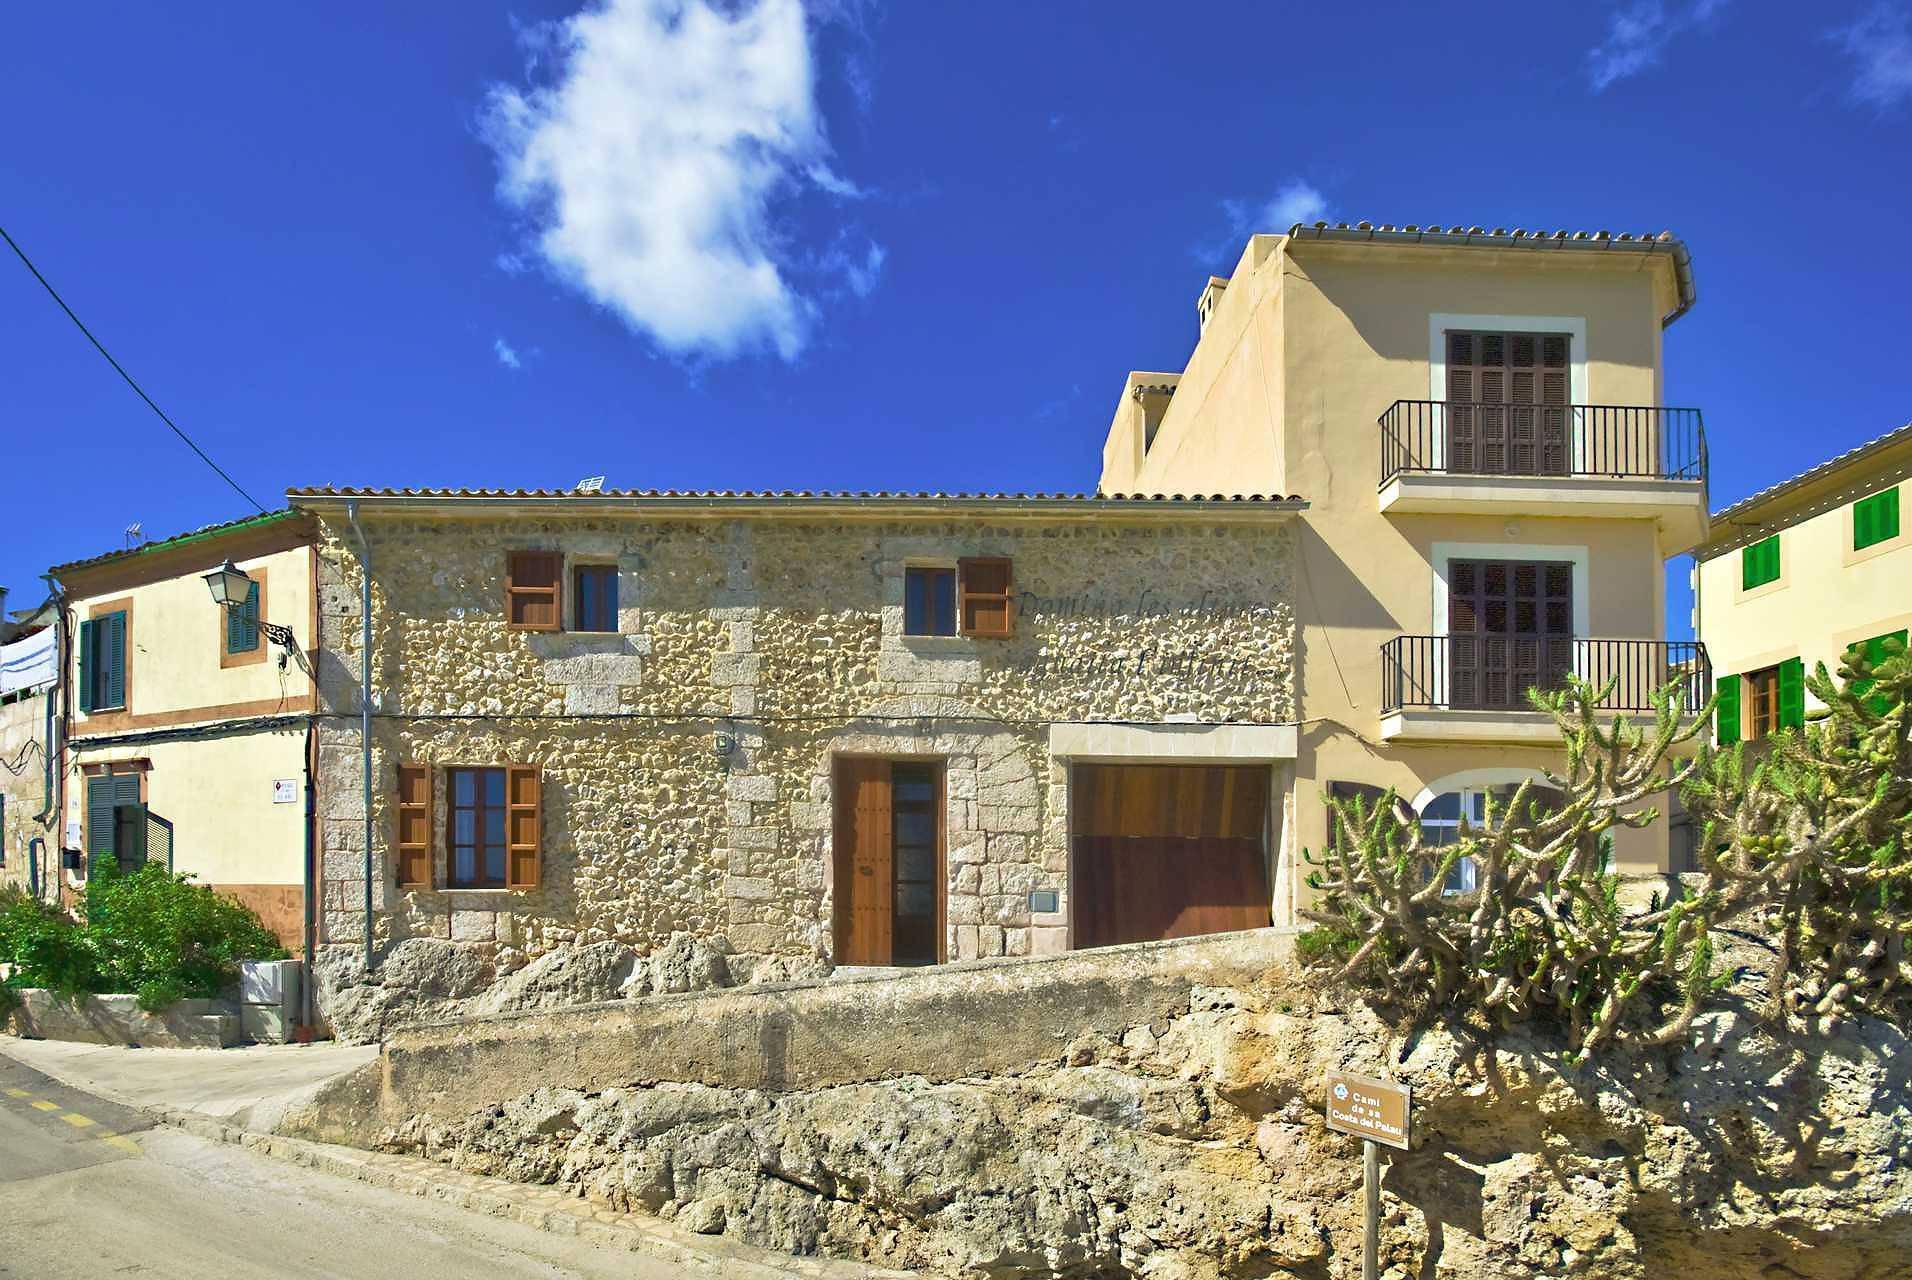 01-83 ländliches Stadthaus Mallorca Norden Bild 1